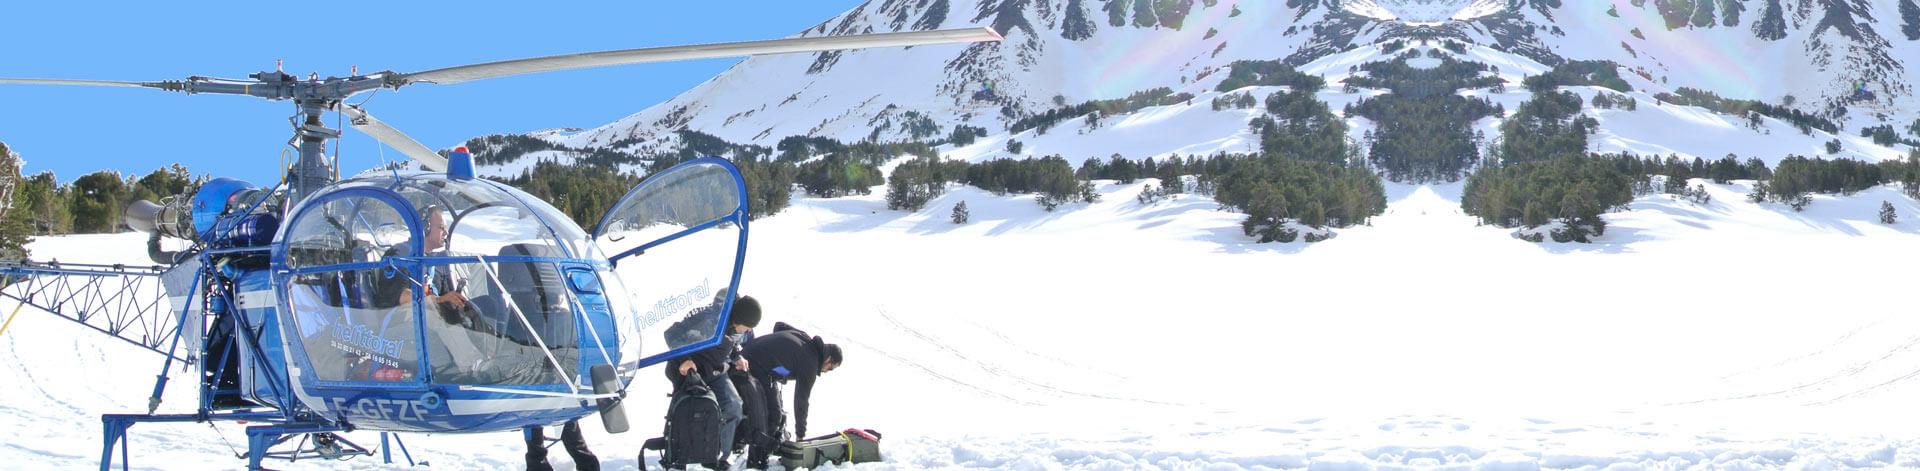 Baptême hélicoptère Perpignan 66 montagne